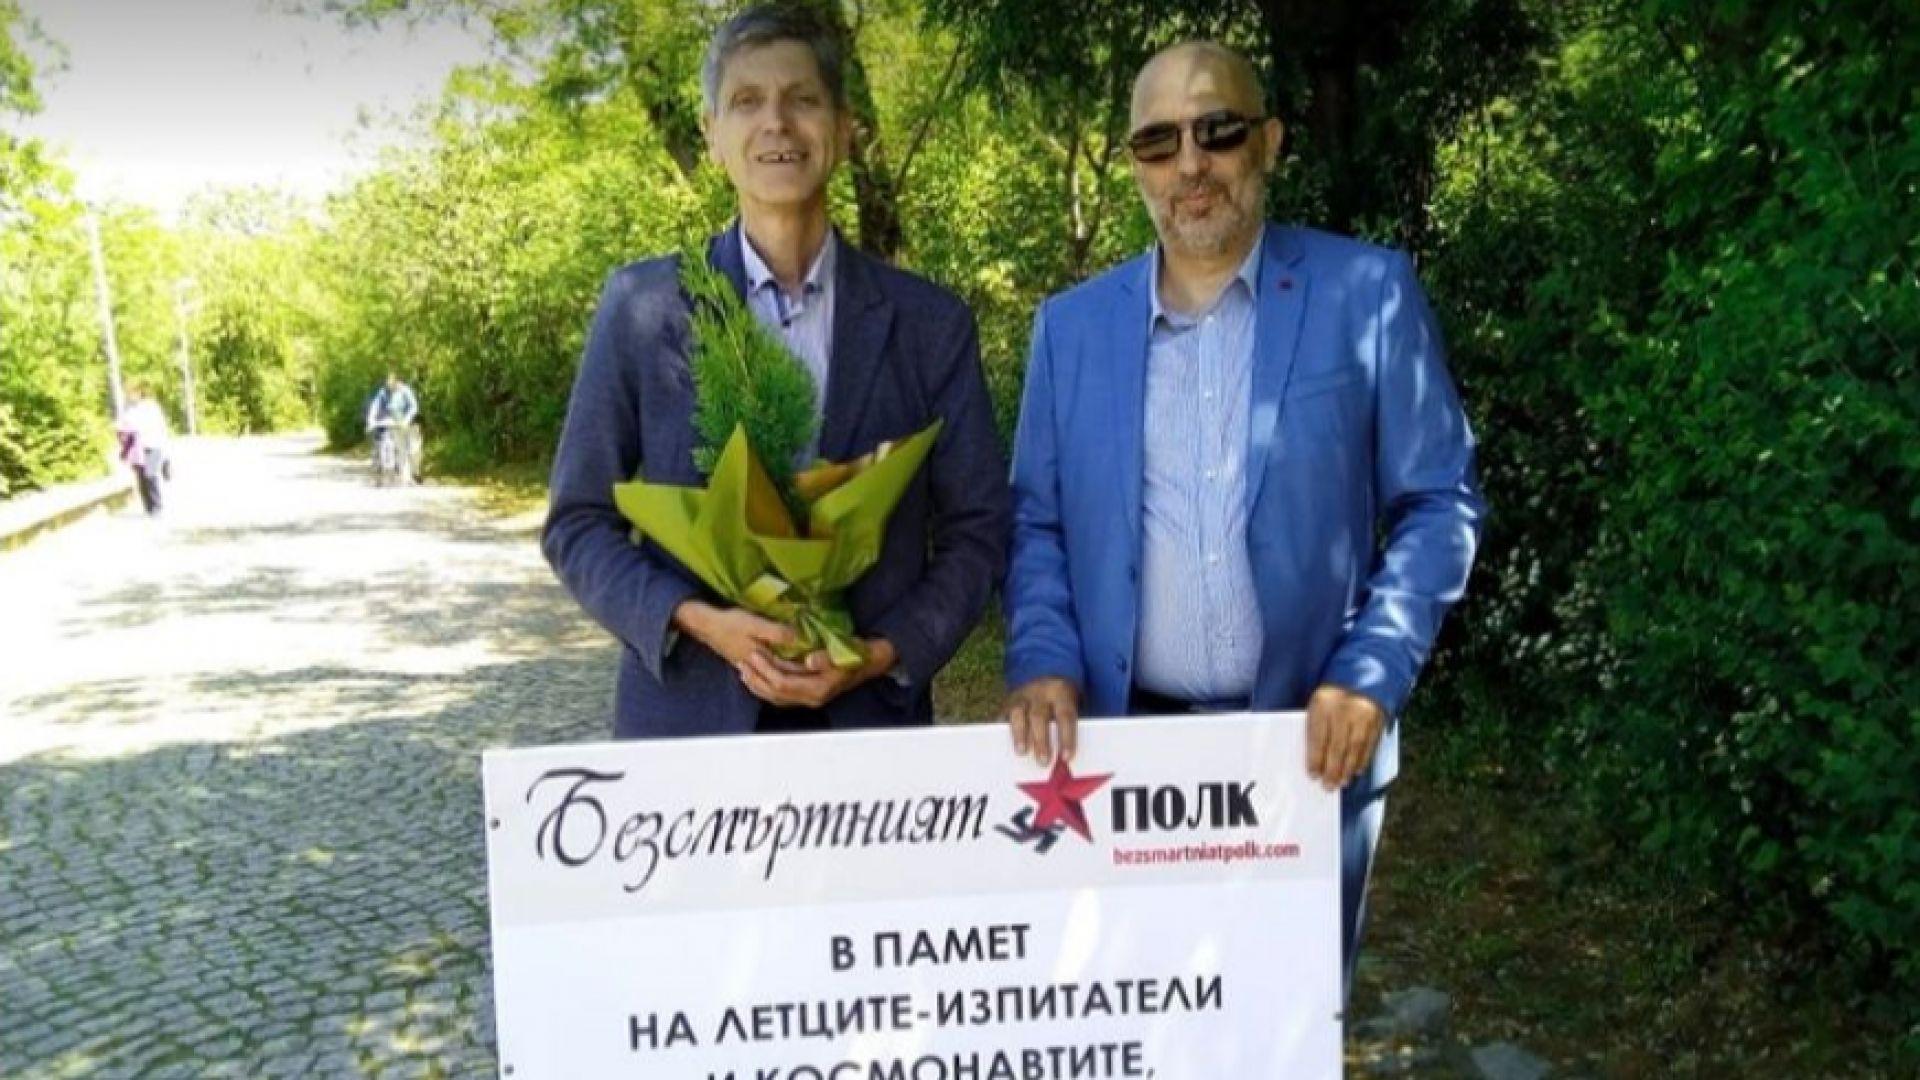 Новата партия на Жан Виденов обяви кой още влиза в нея, Таско Ерменков отрече да напуска БСП